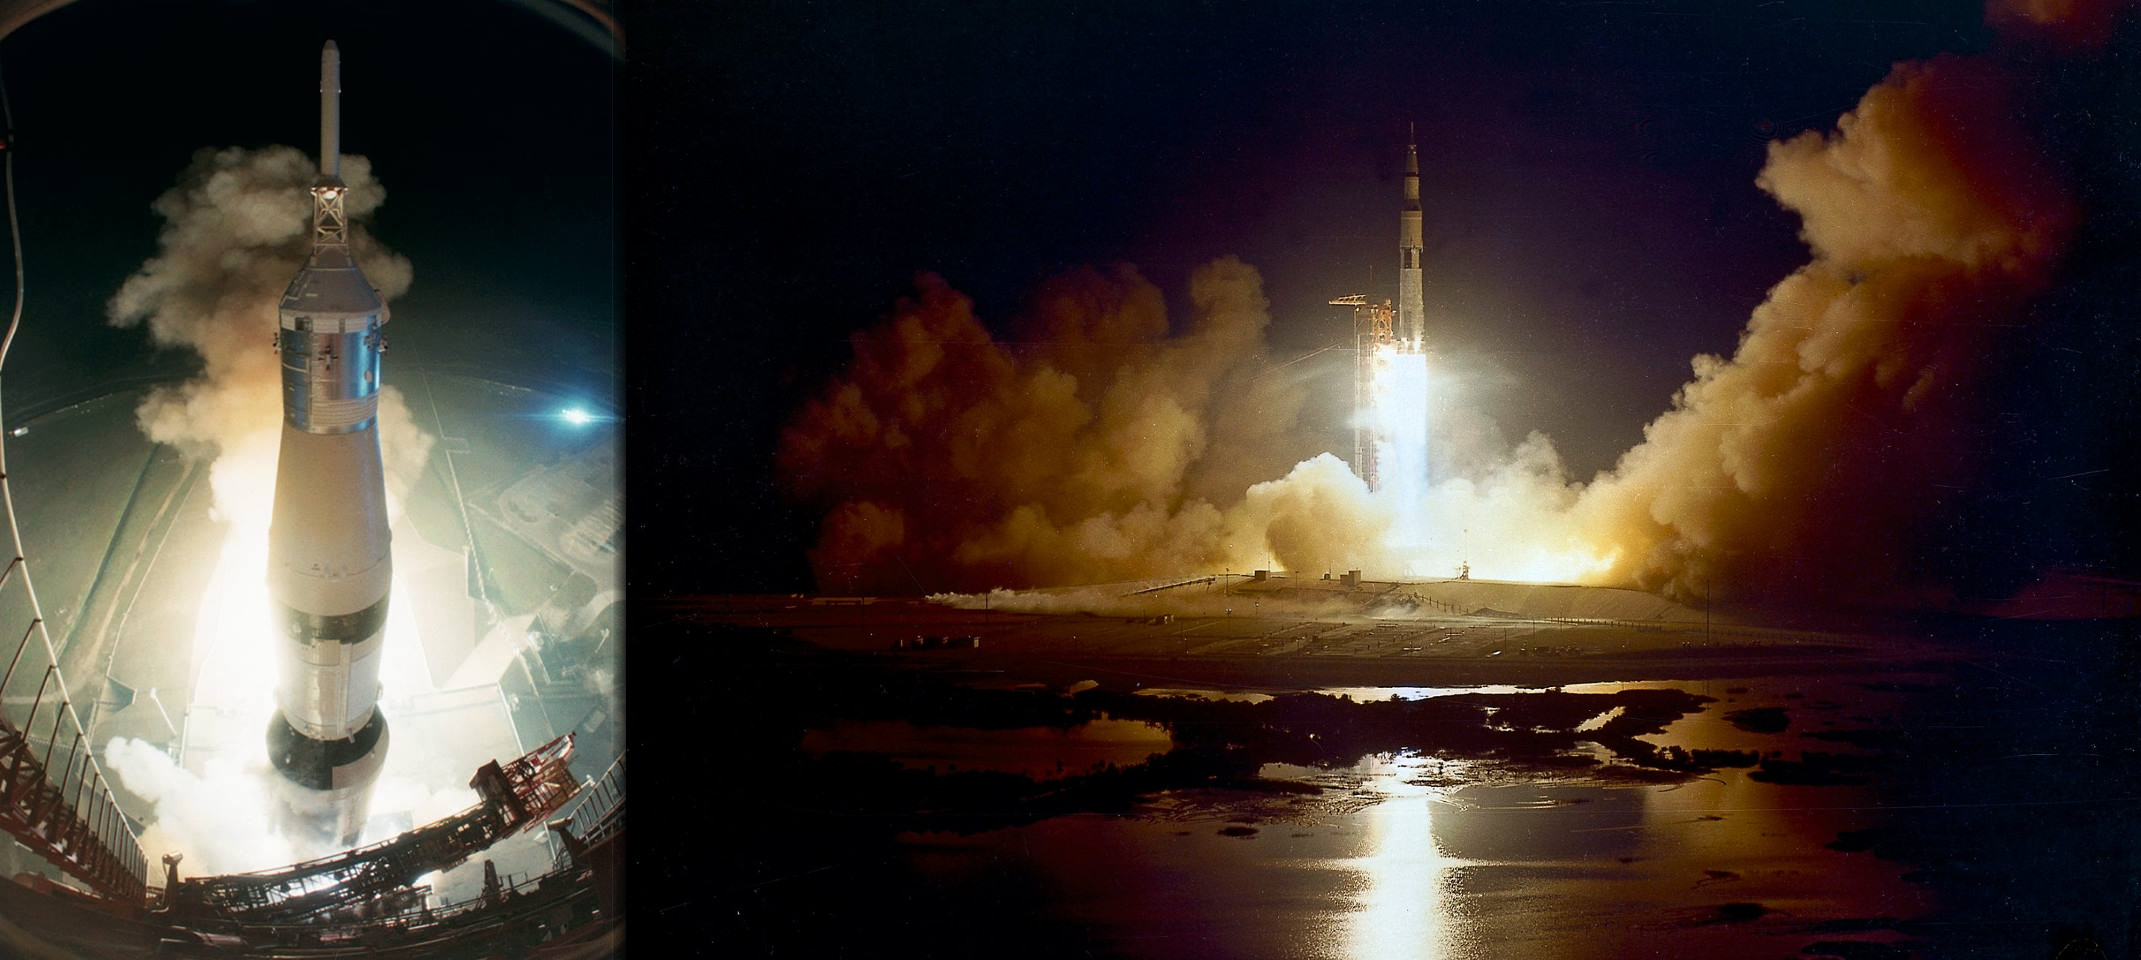 Poslední Apollo startuje 7. 12. 1972; první noční start Apolla; po zkontrolování systémů lodi došlo k restartu motoru třetího stupně rakety Saturn 5 S-IVB, který astronauty navedl vstříc Měsíci - dosud naposledy, co lidé opustili oběžnou dráhu Země